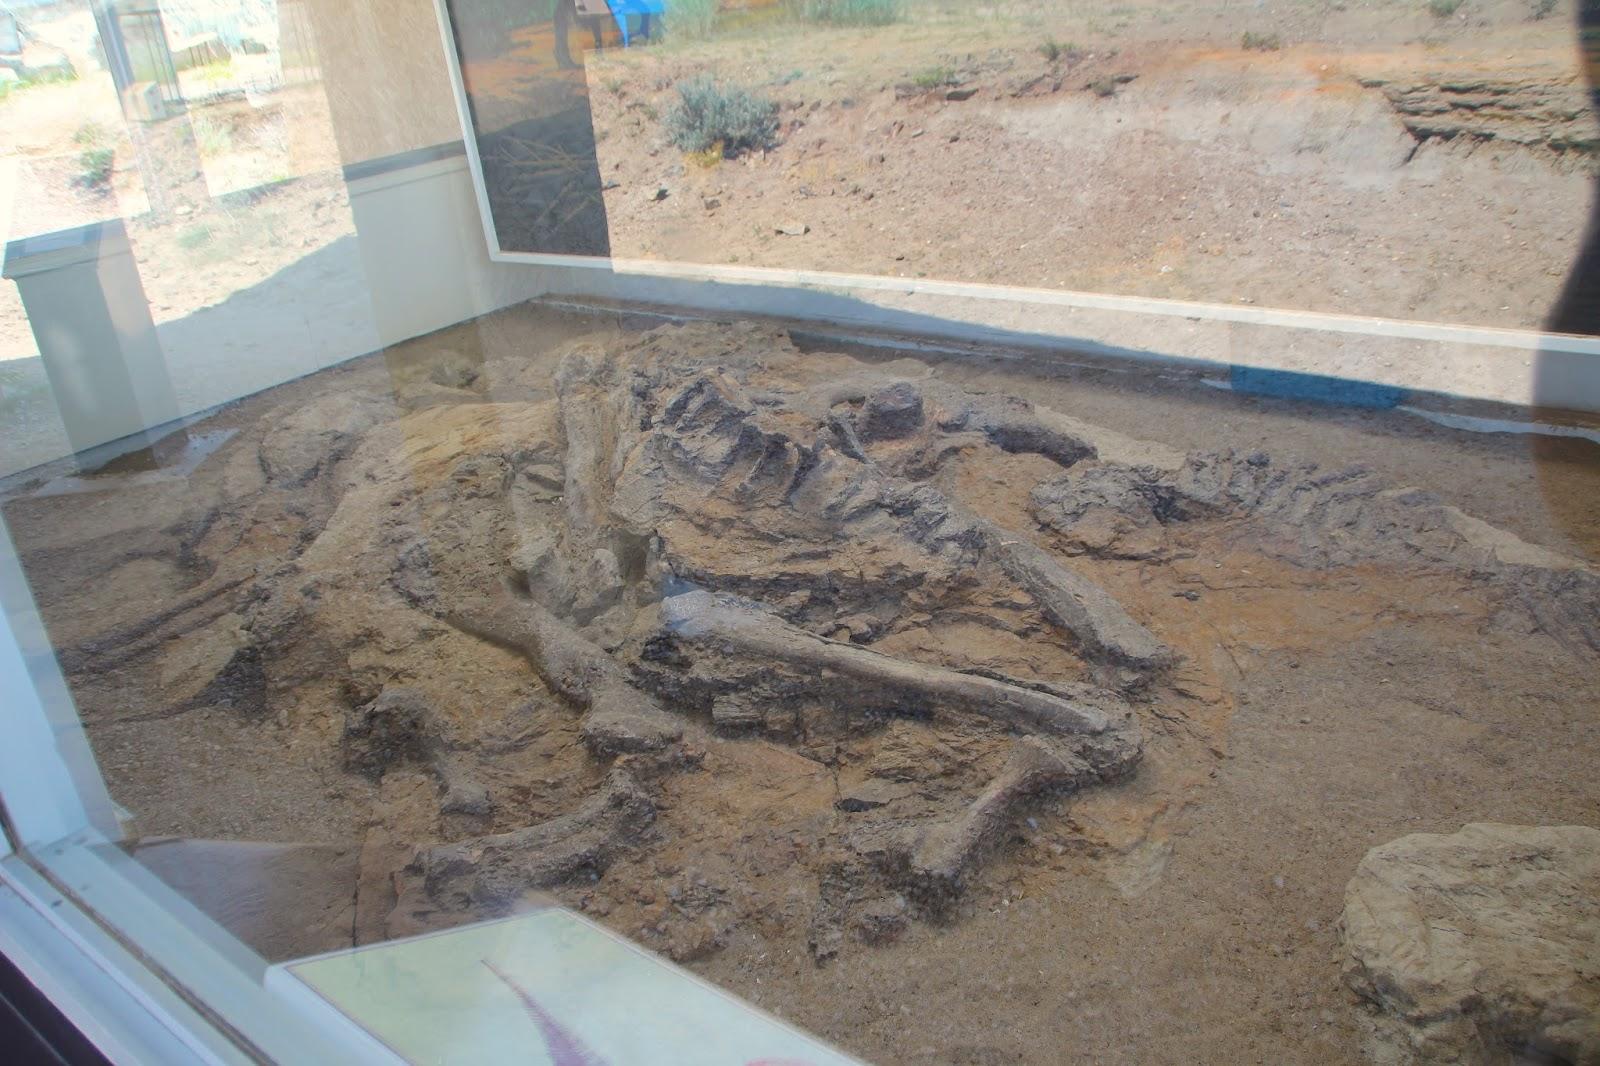 004 - Headless Hadrosaur